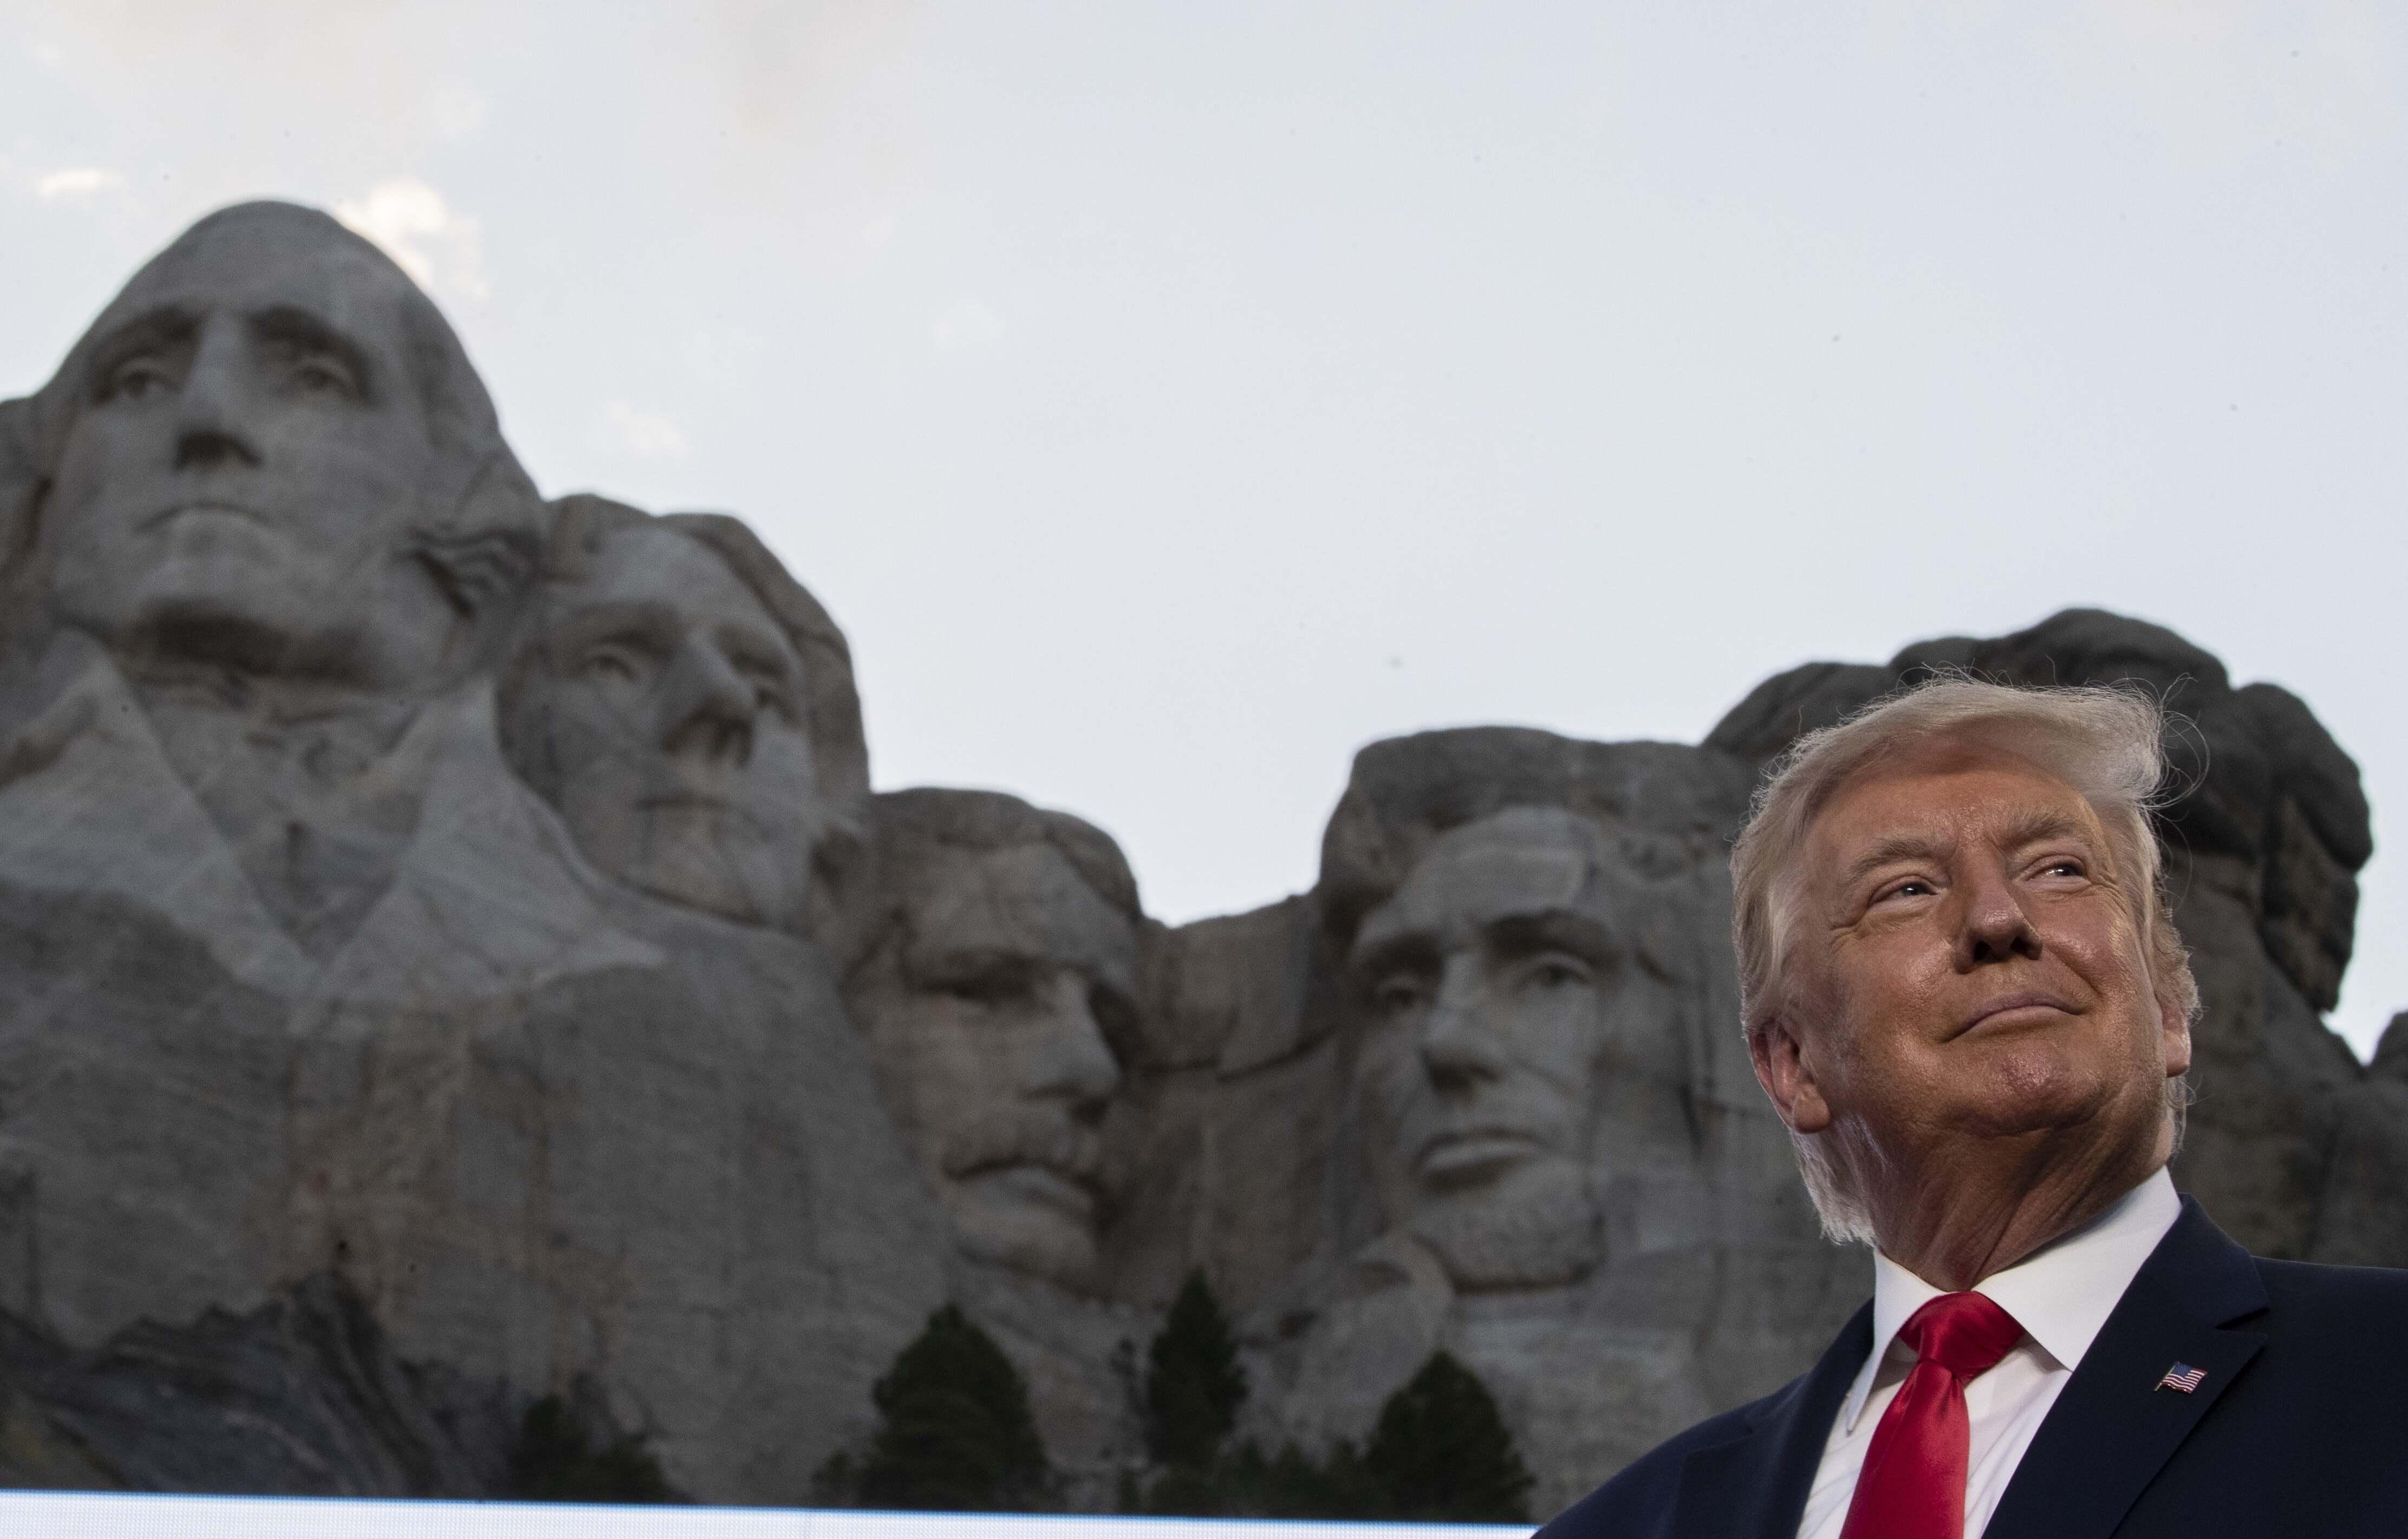 President Donald Trump smiles at Mount Rushmore National Memorial